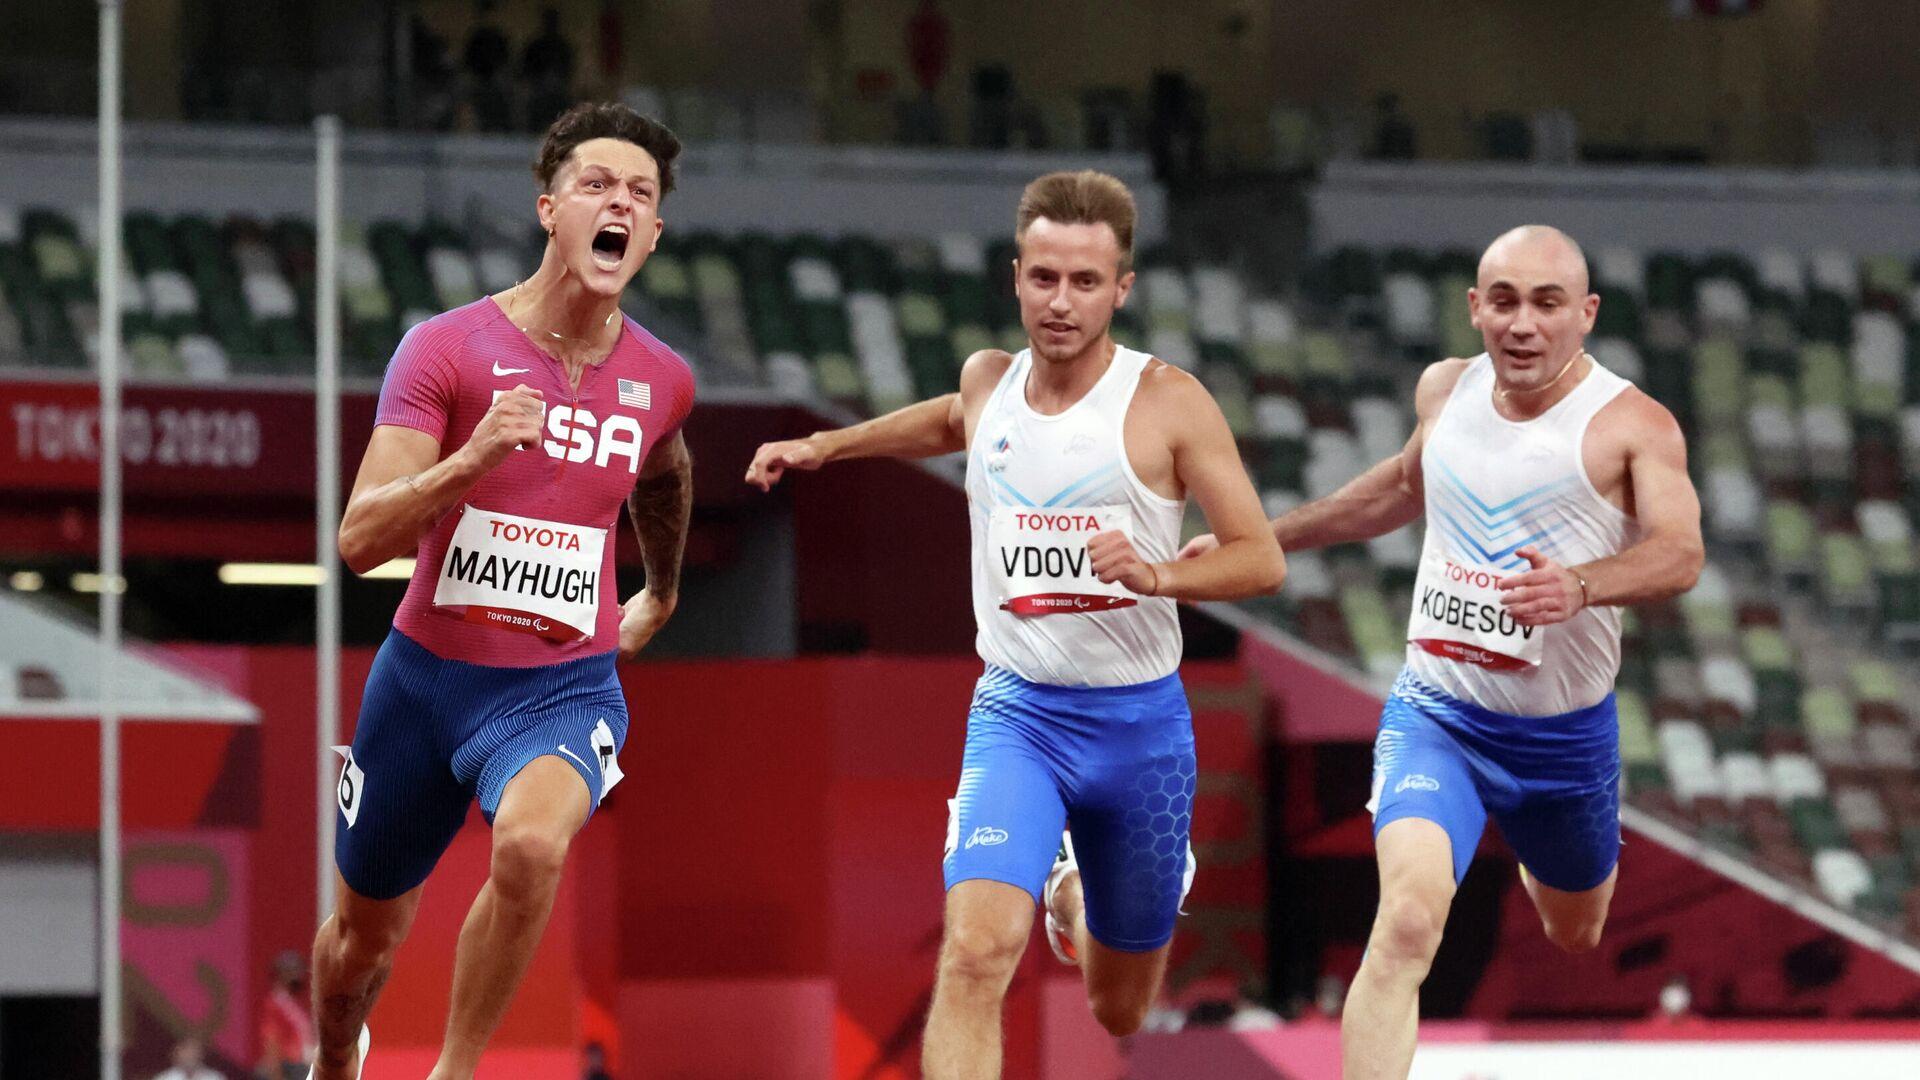 Российский легкоатлет Андрей Вдовин (в центре) на Паралимпиаде в Токио - РИА Новости, 1920, 27.08.2021